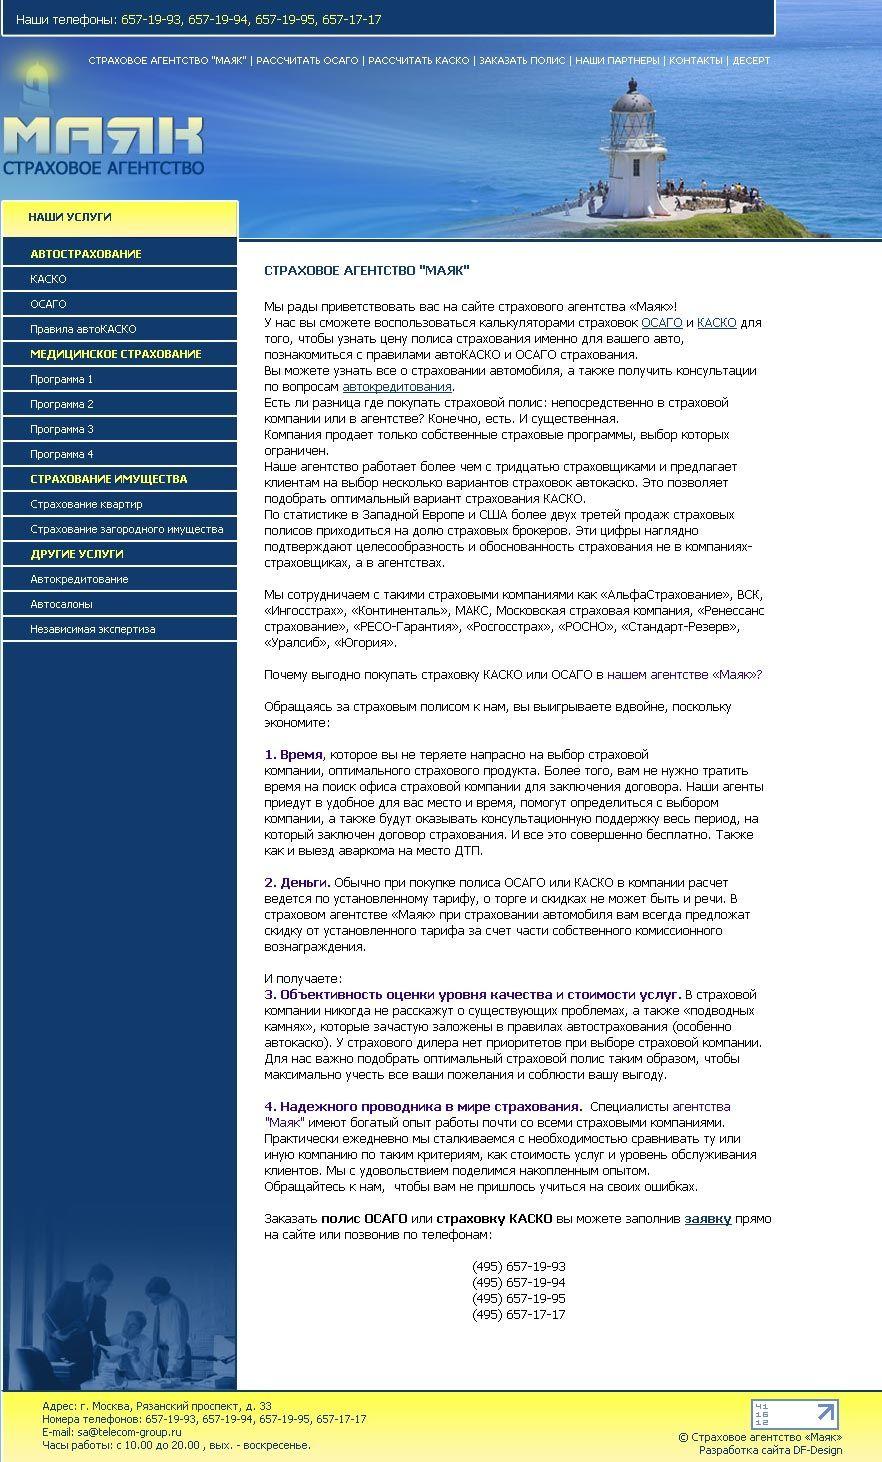 Роберта Лэнгдона подводные камни договора комиссии там